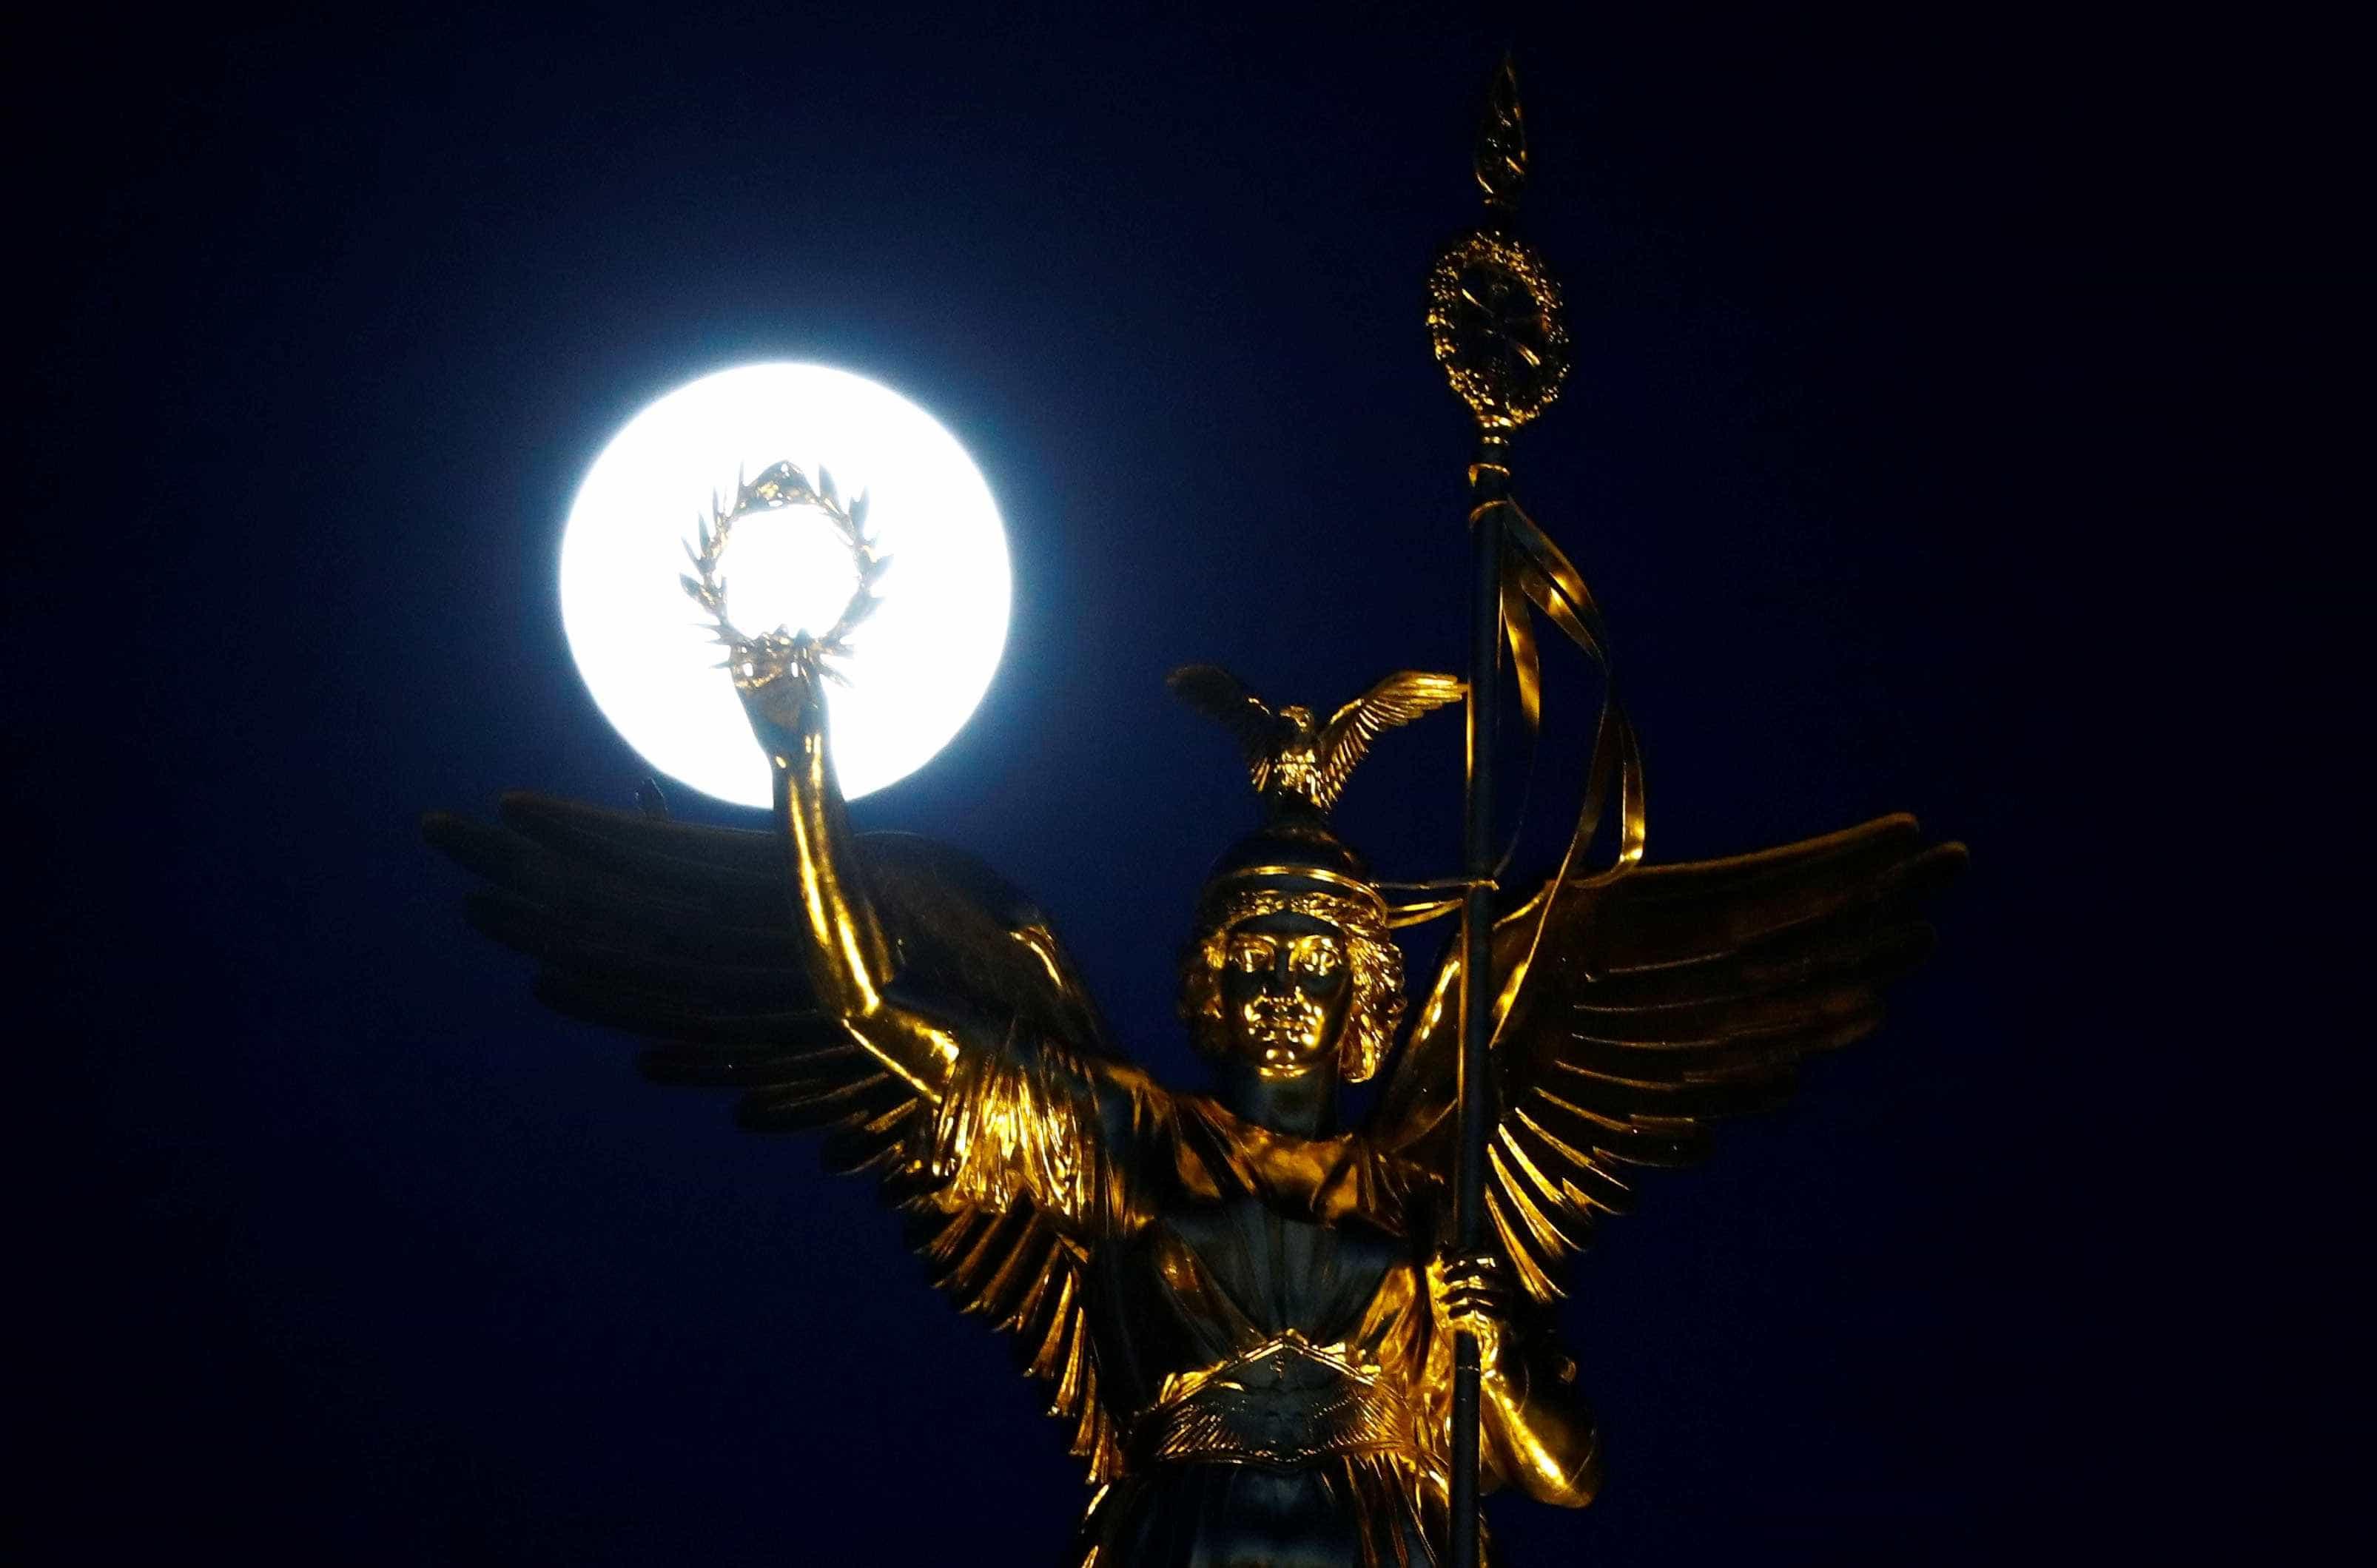 Última Super Lua do ano marca primeiro dia da primavera